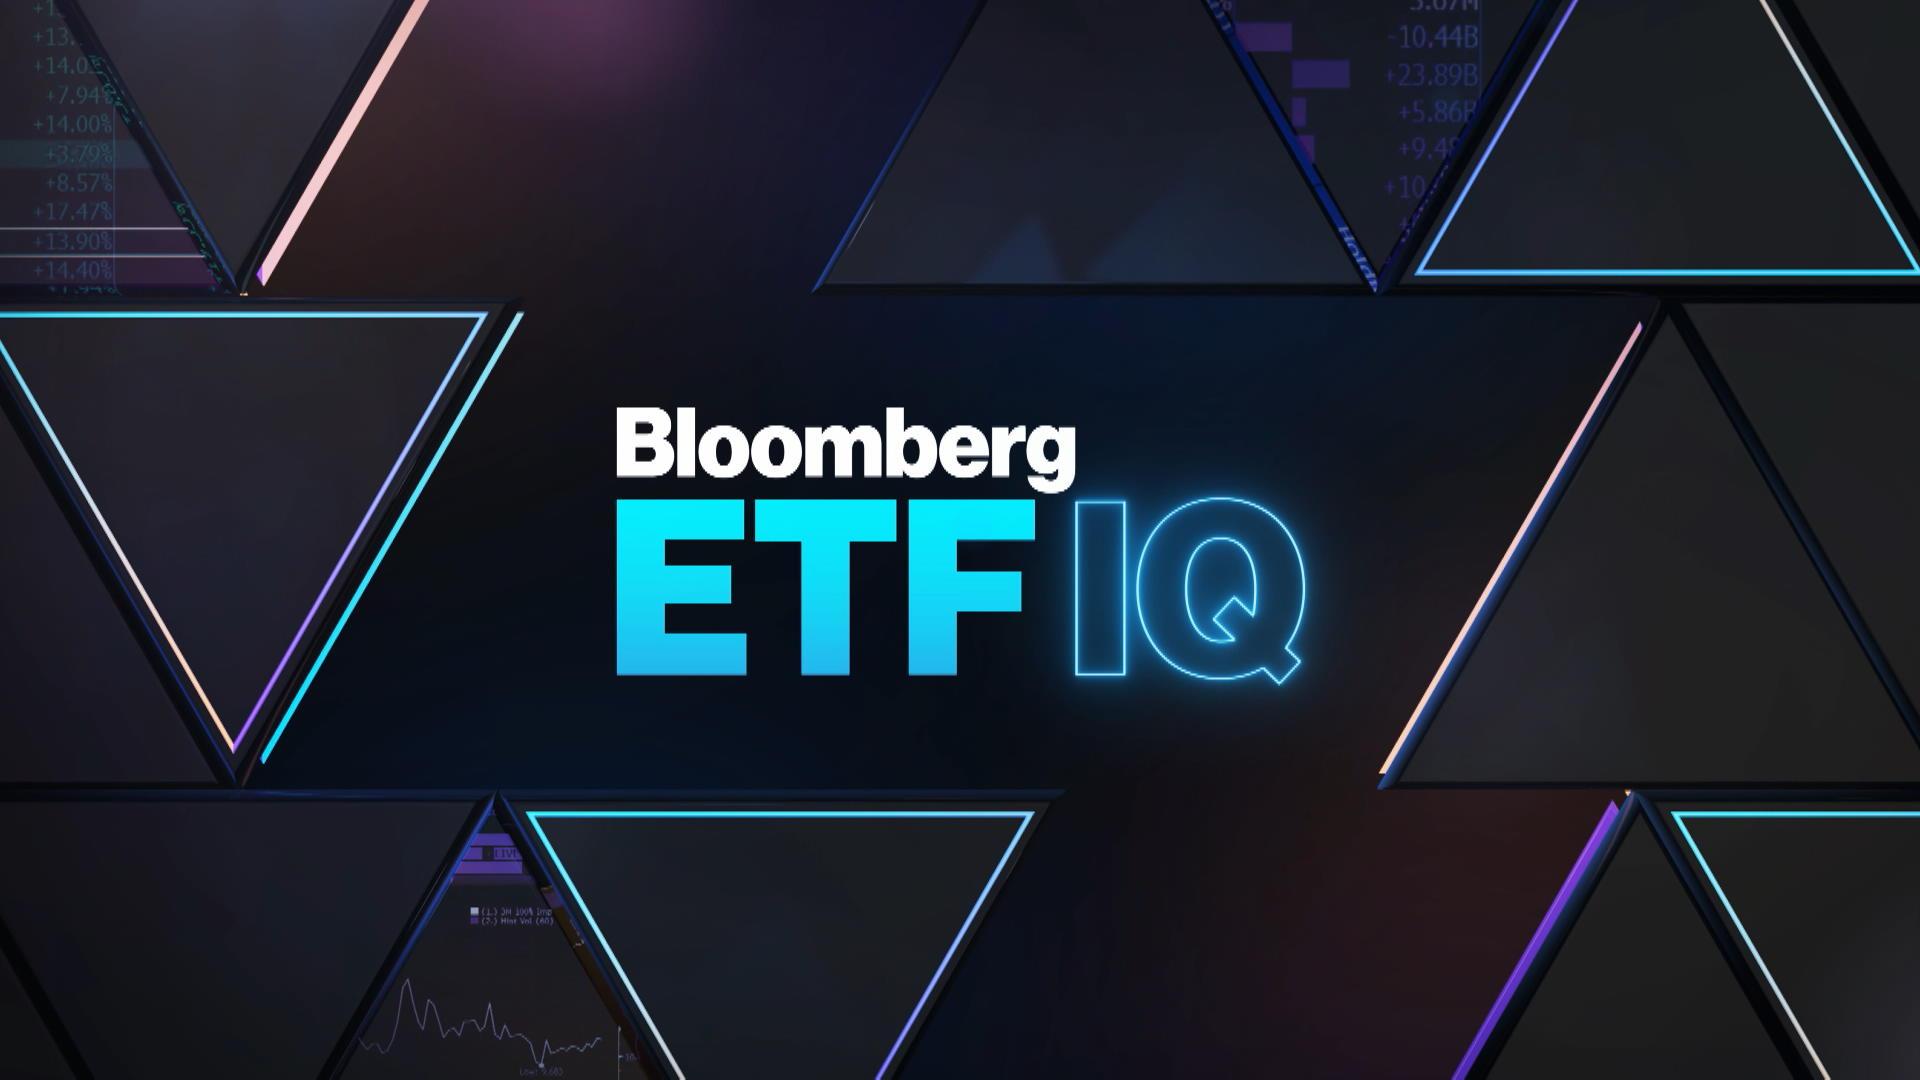 'Bloomberg ETF IQ' Full Show (11/20/2019)